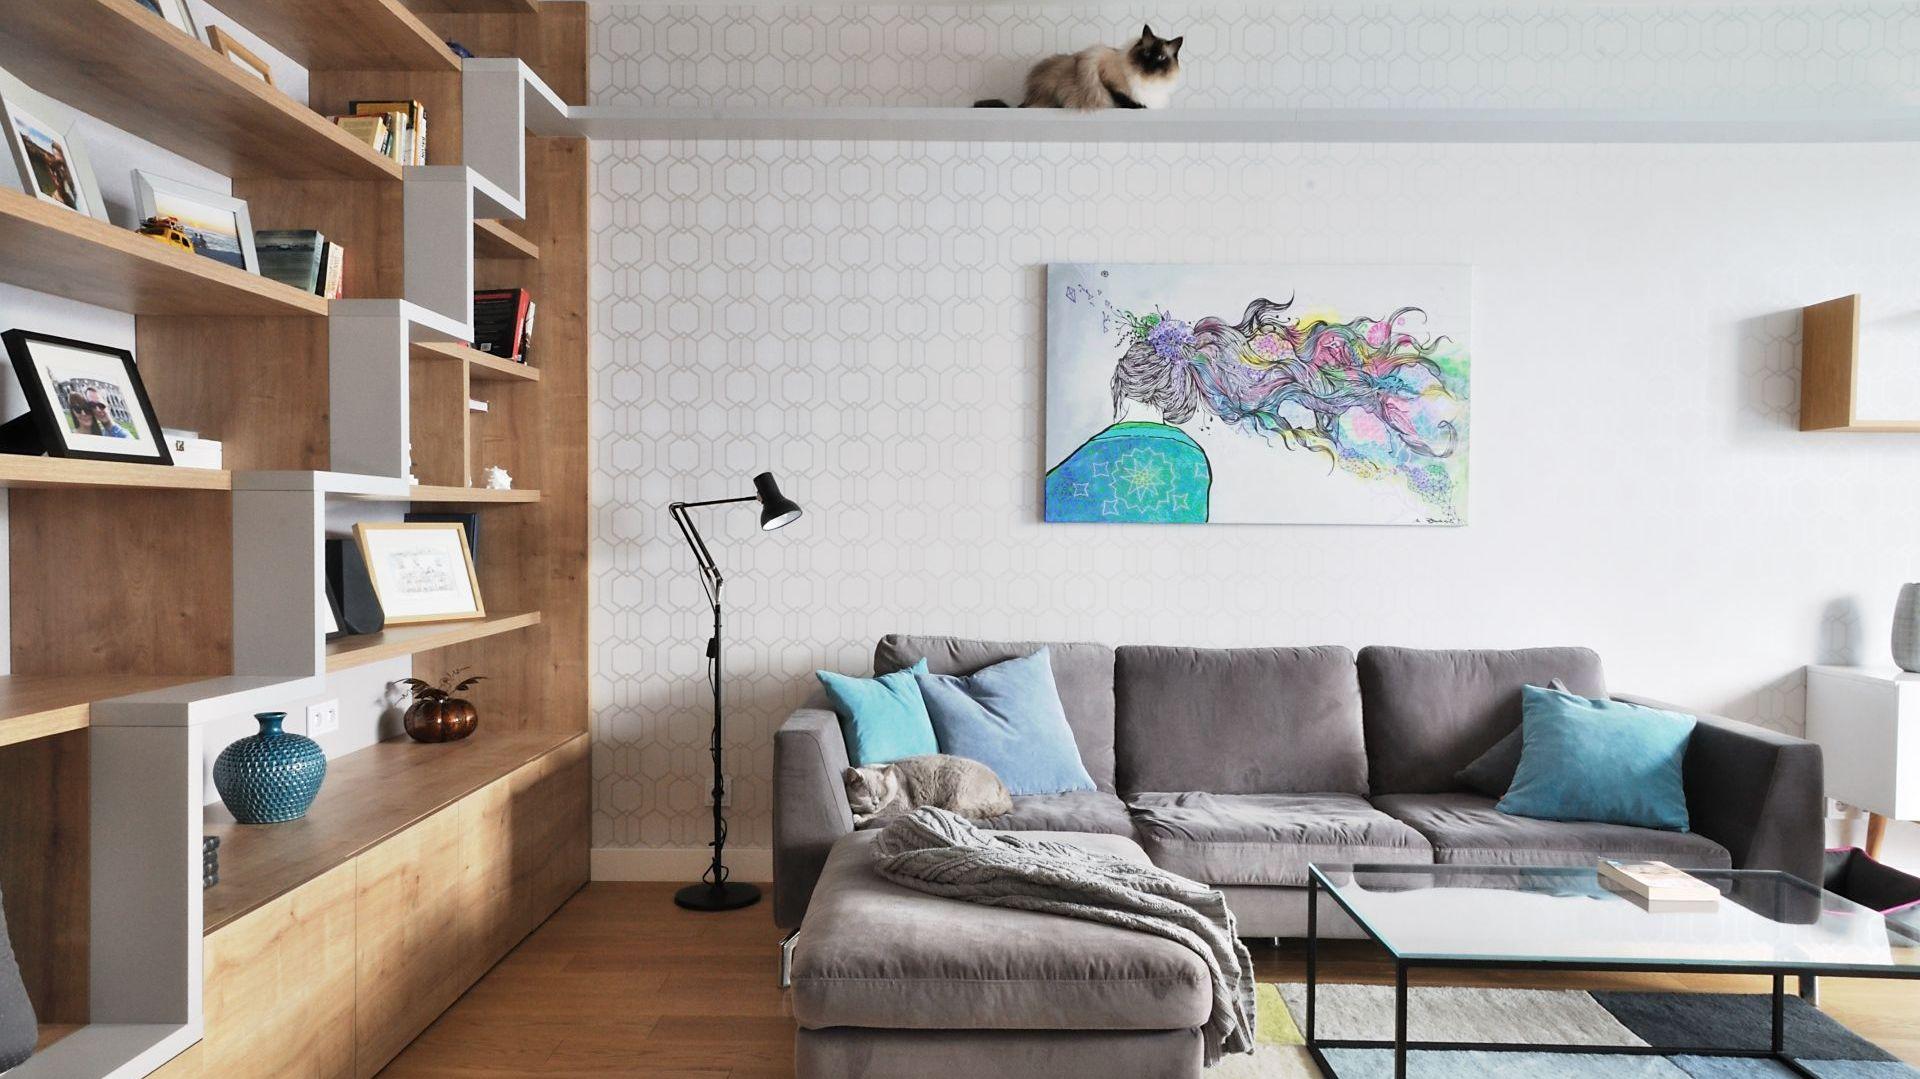 Niewielkie mieszkanie zaprojektowano także z myślą o czworonożnych mieszkańcach. Projekt: Cats&Dogs,  Ministerstwo Spraw We Wnętrzach Magdalena i Marcin Konopka. Fot. Marcin Konopka